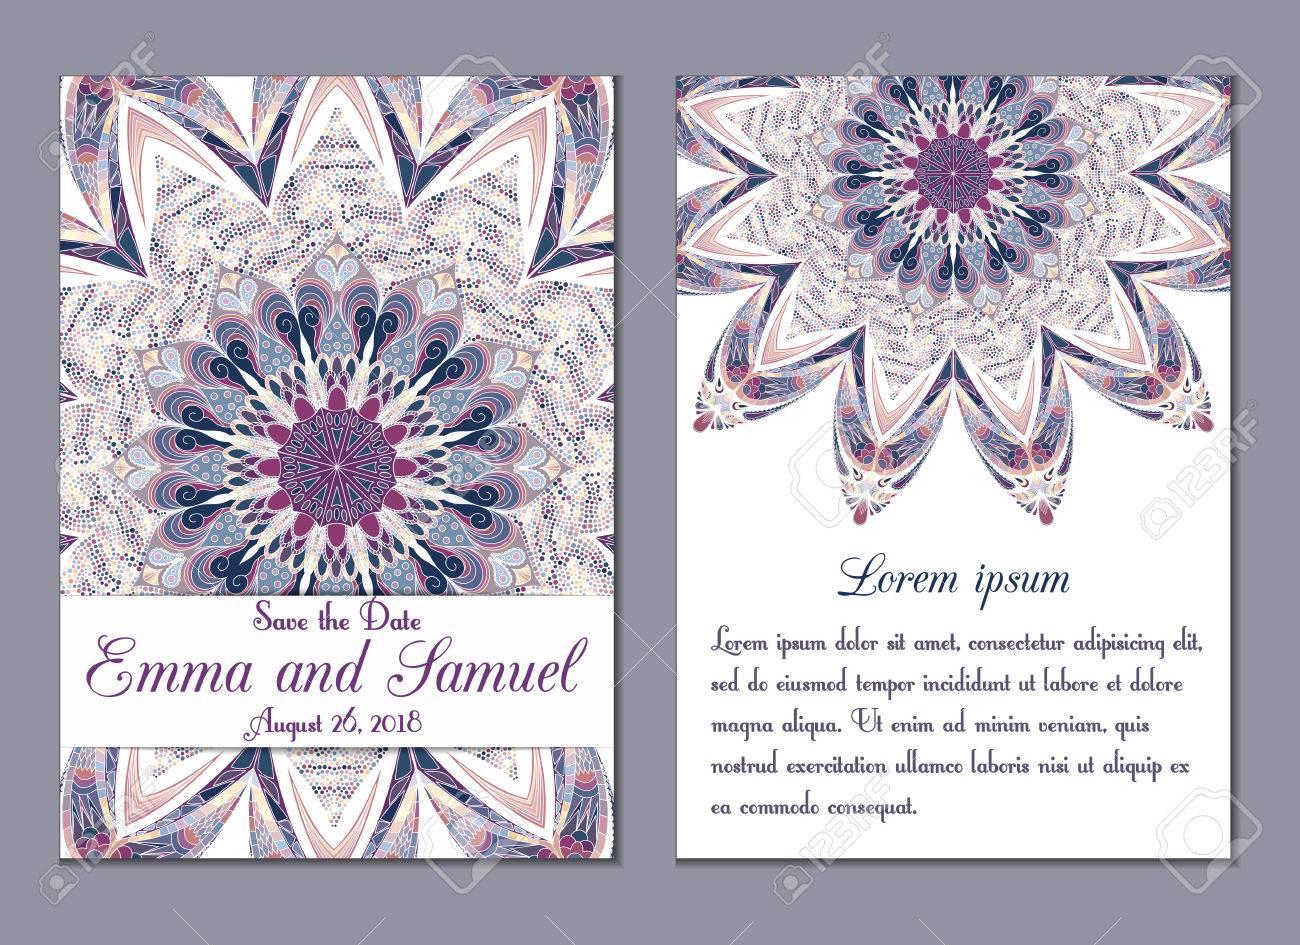 Mariage Carton Dinvitation Idéal Pour Gagner La Date Douche De Bébé Jour De Mères Saint Valentin Cartes Danniversaire Invitations Vector